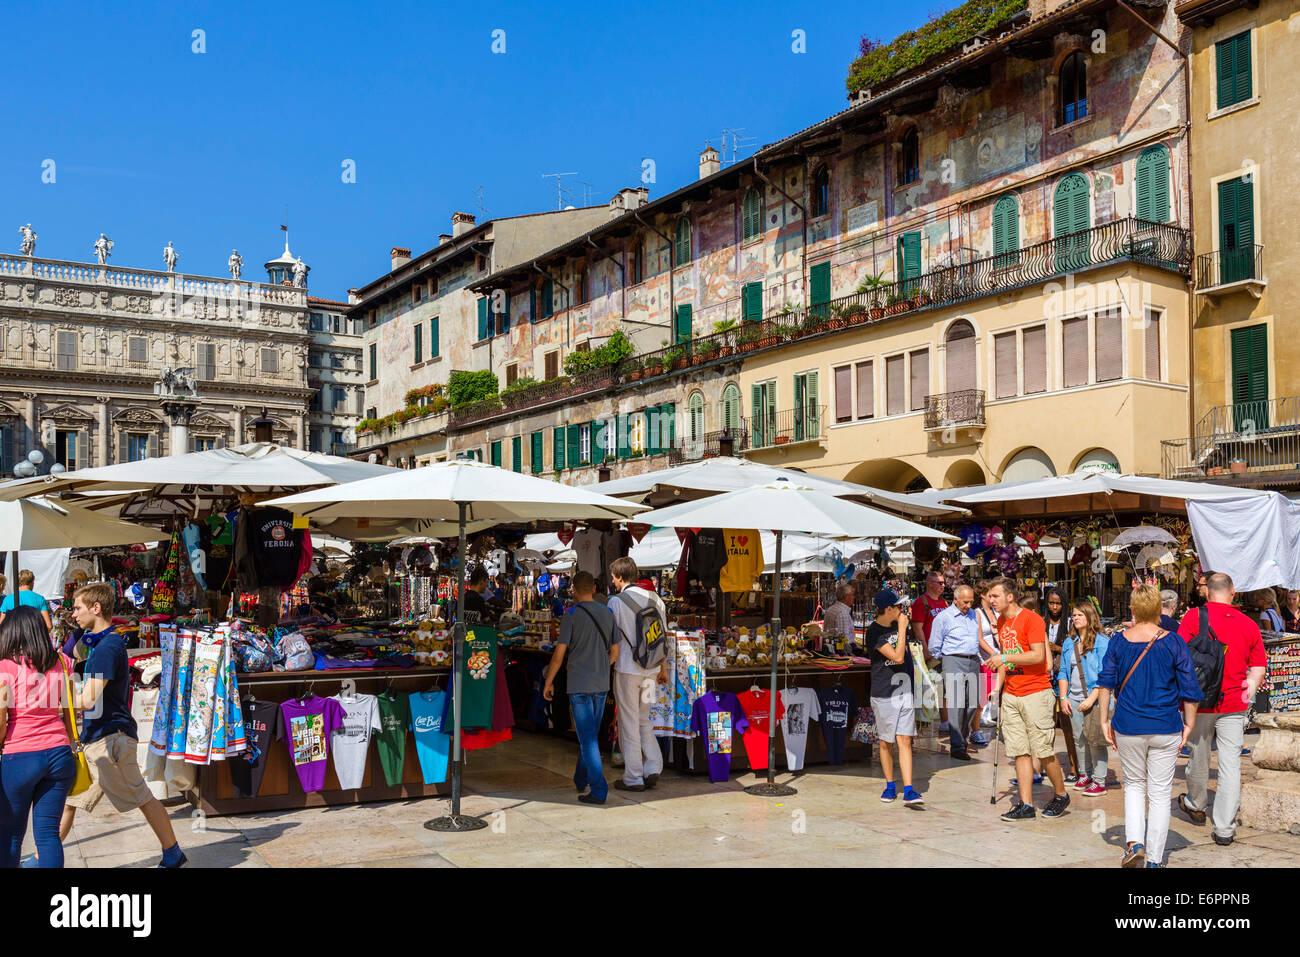 Marktstände auf der Piazza Delle Erbe, Verona, Veneto, Italien Stockbild